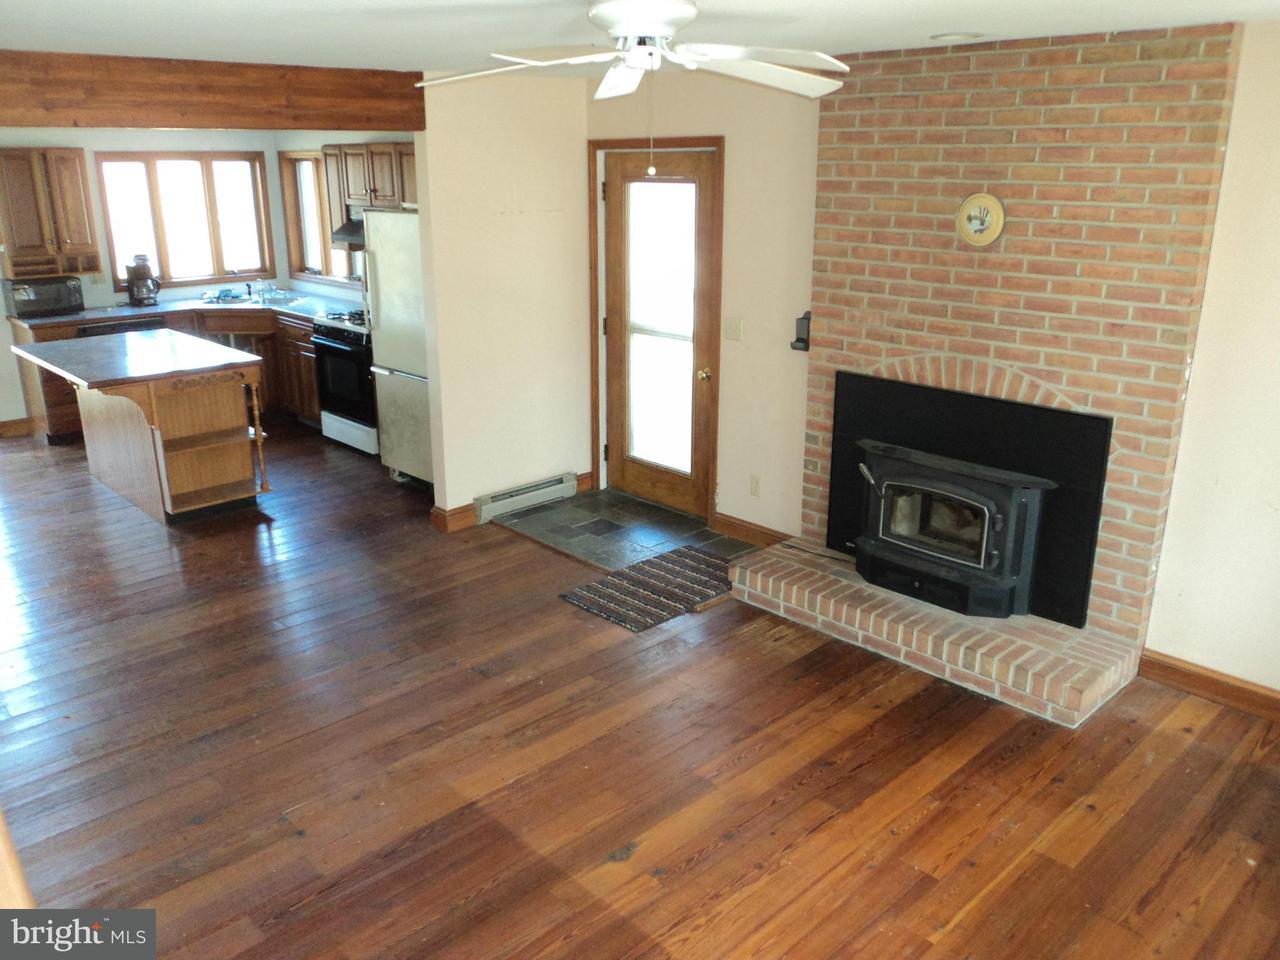 Additional photo for property listing at 27170 ENNISKILLEN Road 27170 ENNISKILLEN Road Easton, Maryland 21601 Estados Unidos